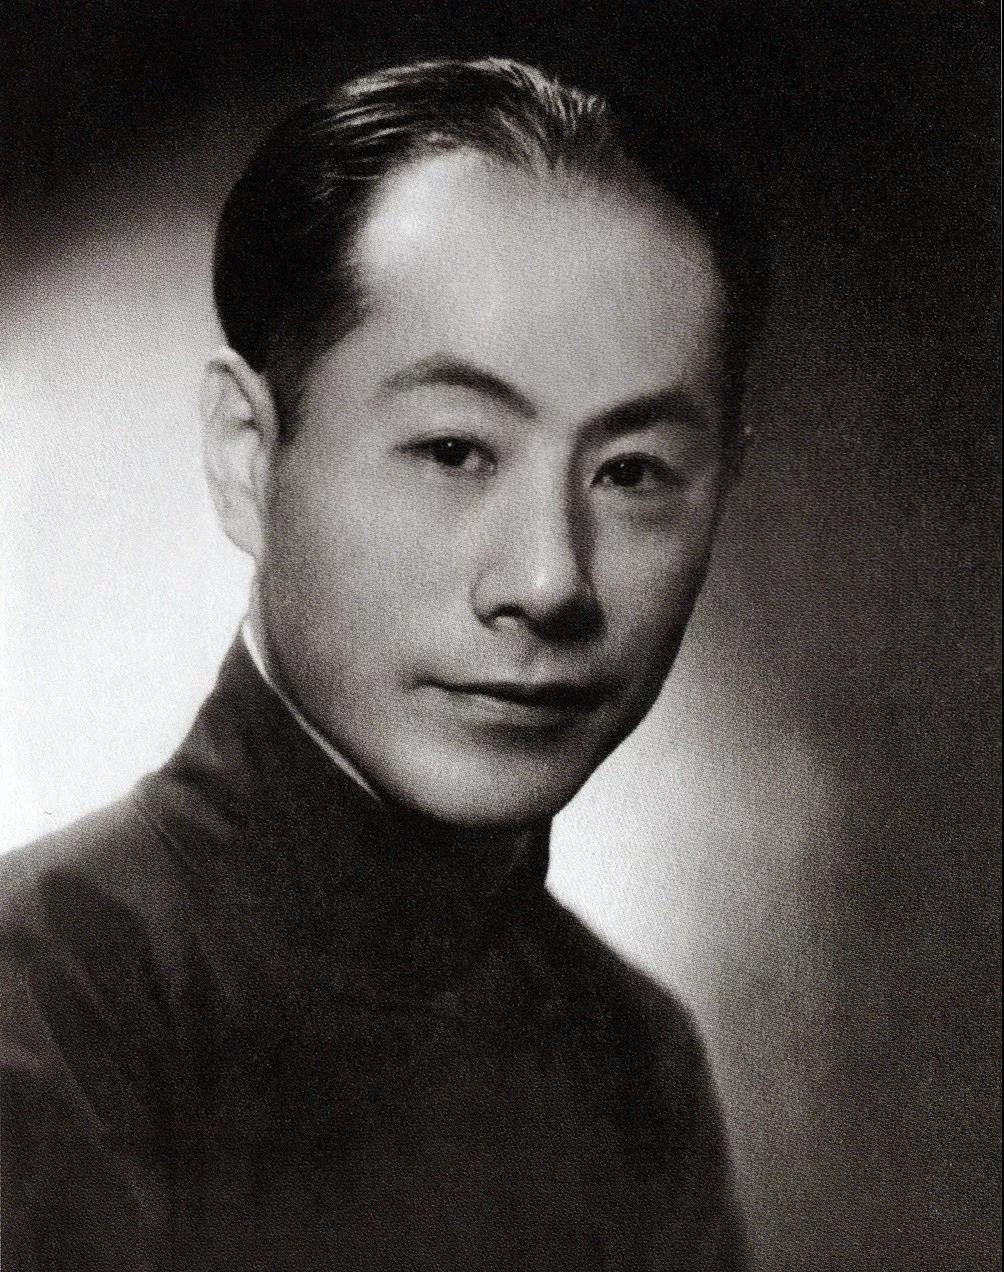 张伯驹捐献国家的文物:图6让他倾家荡产,图8是李白唯一存世真迹